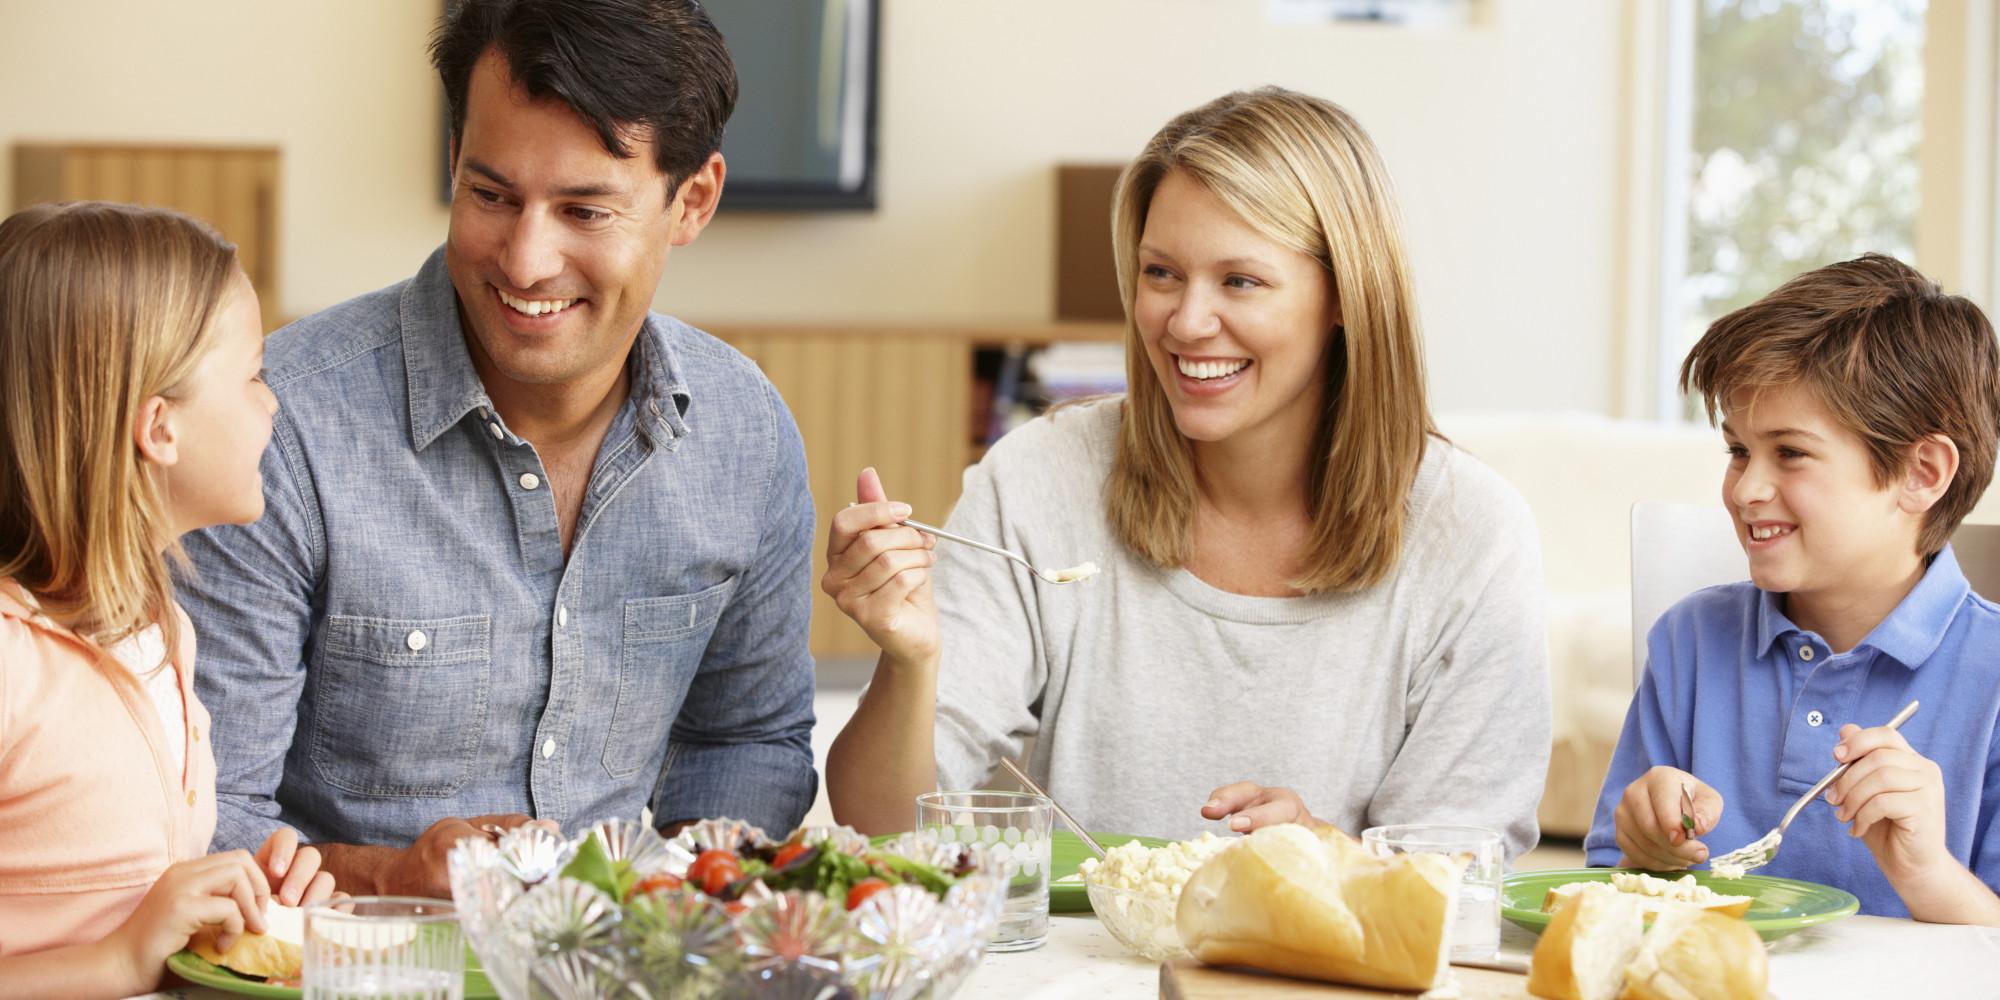 Les repas en pleine conscience pour toute la famille for Idee repas convivial en famille